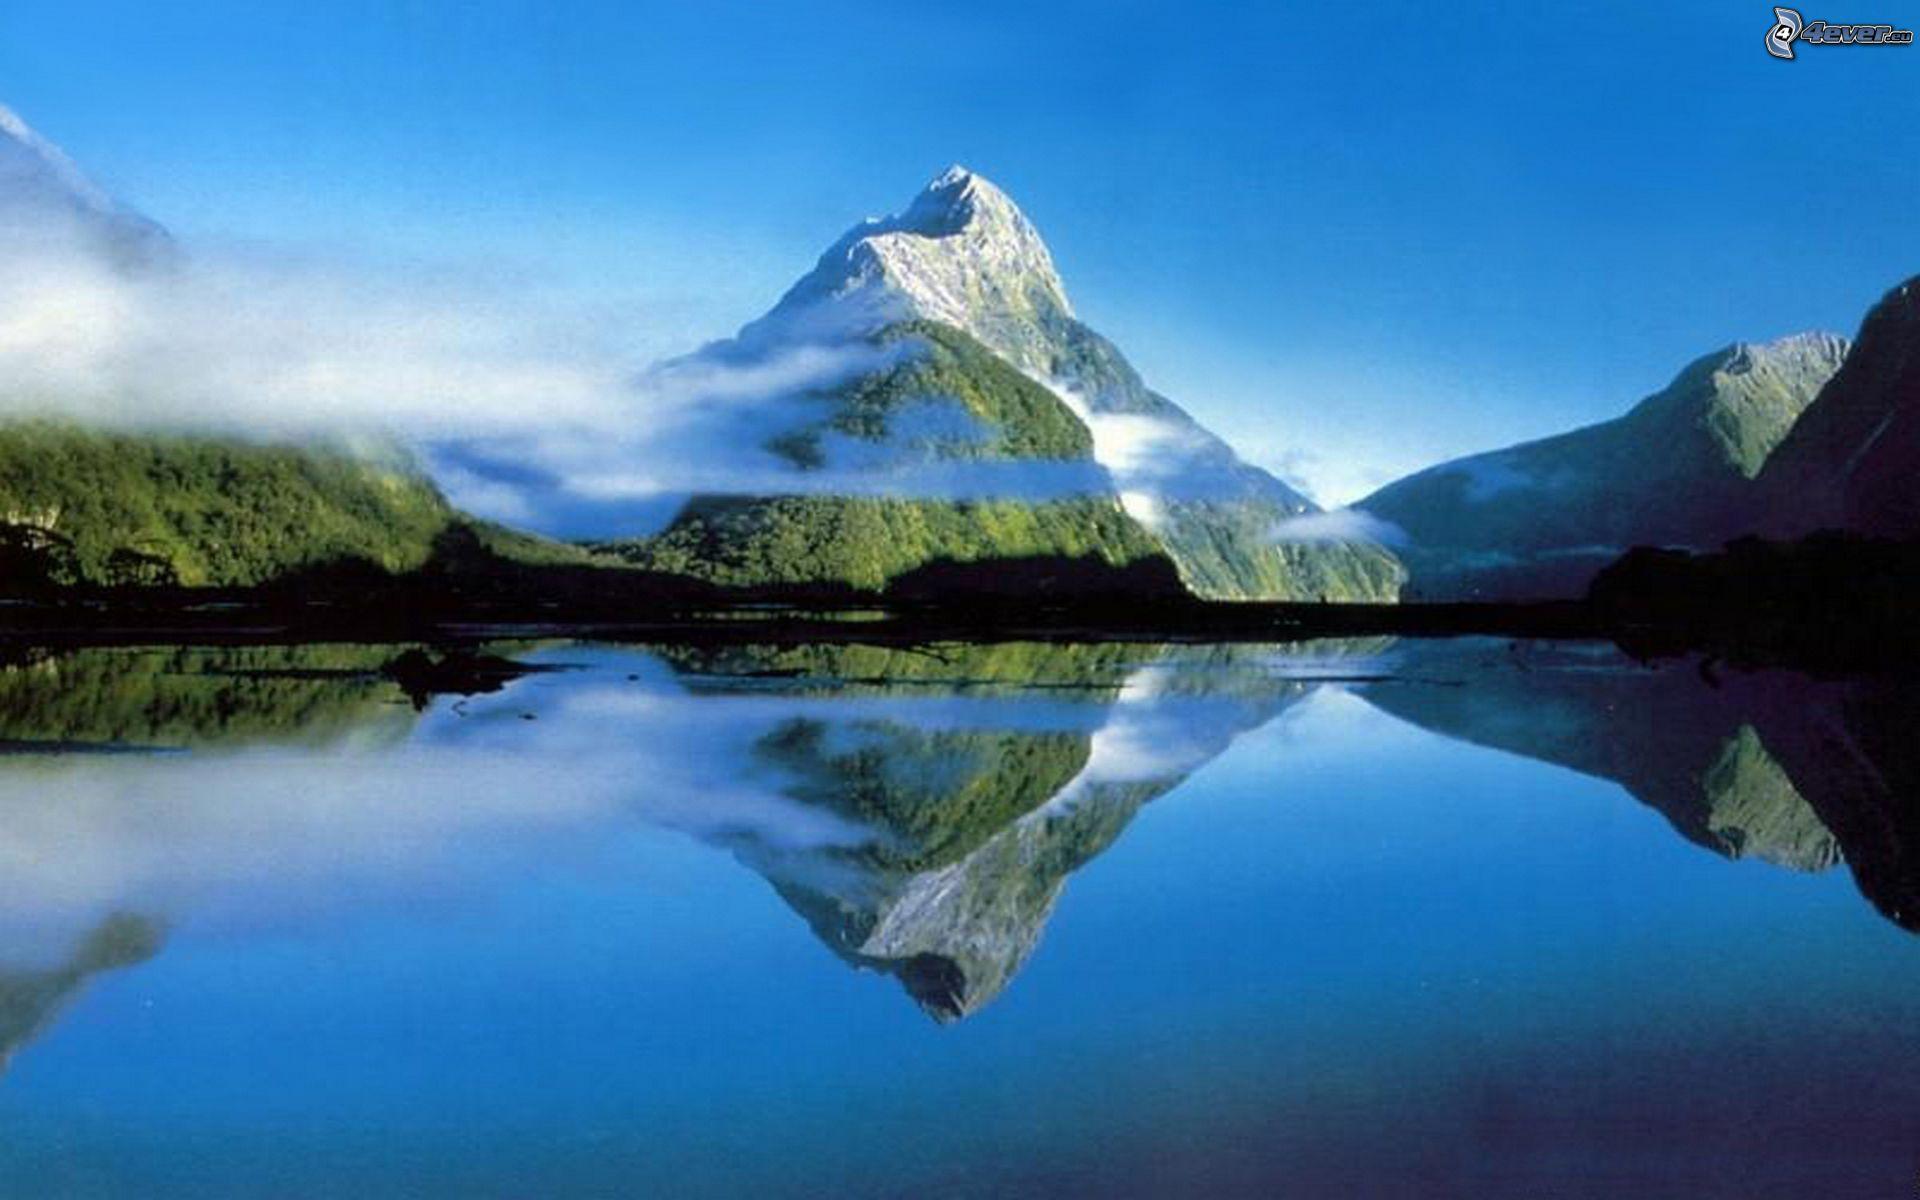 Montagne enneigée au-dessus du lac